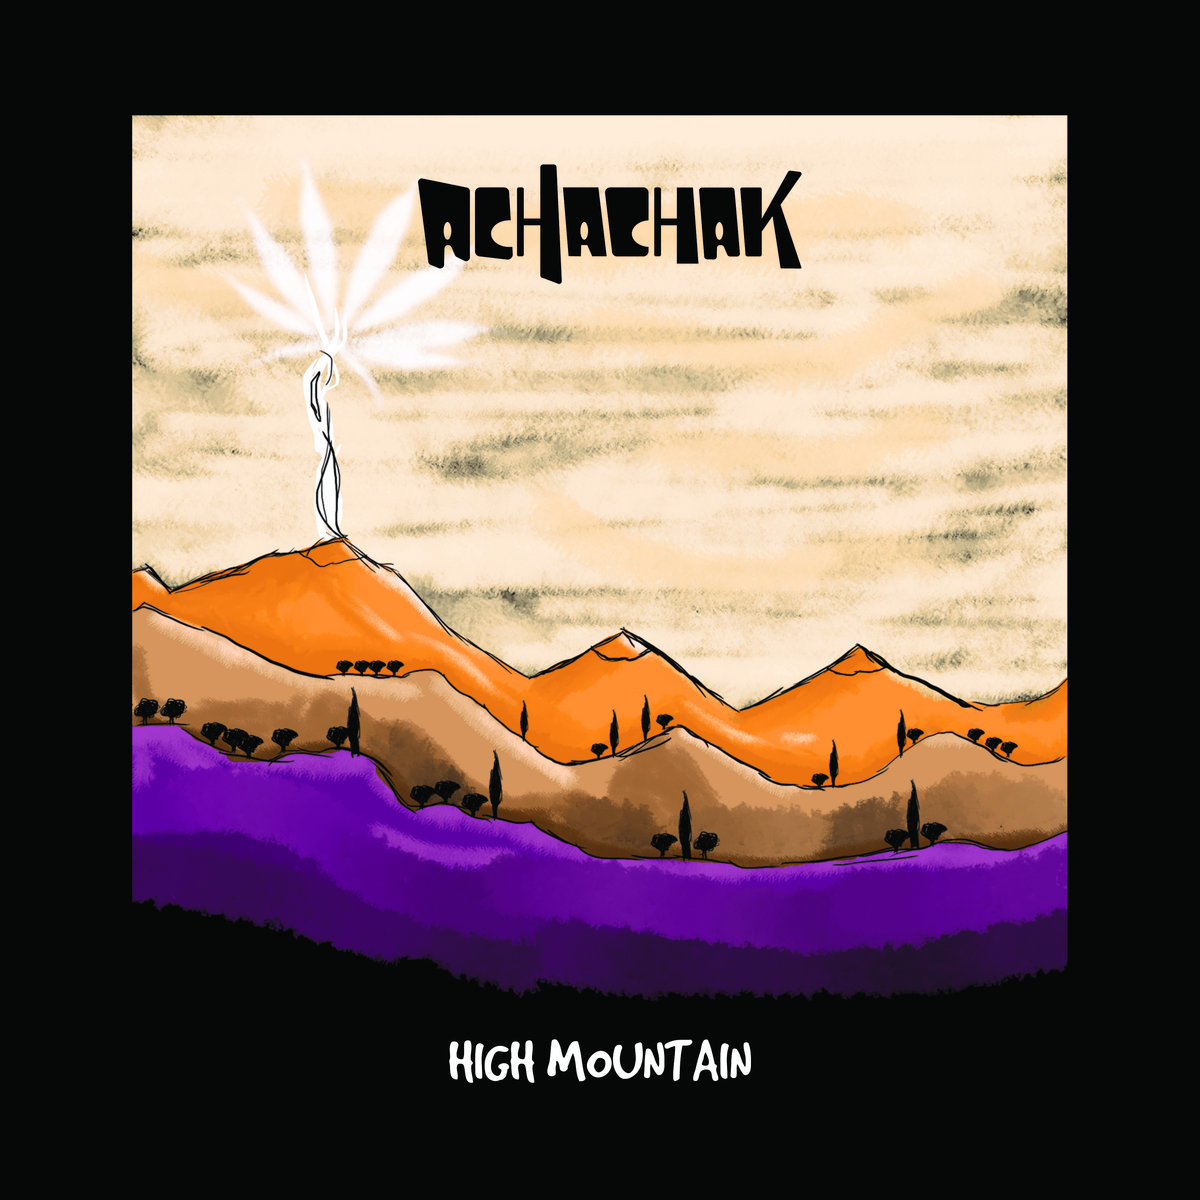 Achachak High Mountain